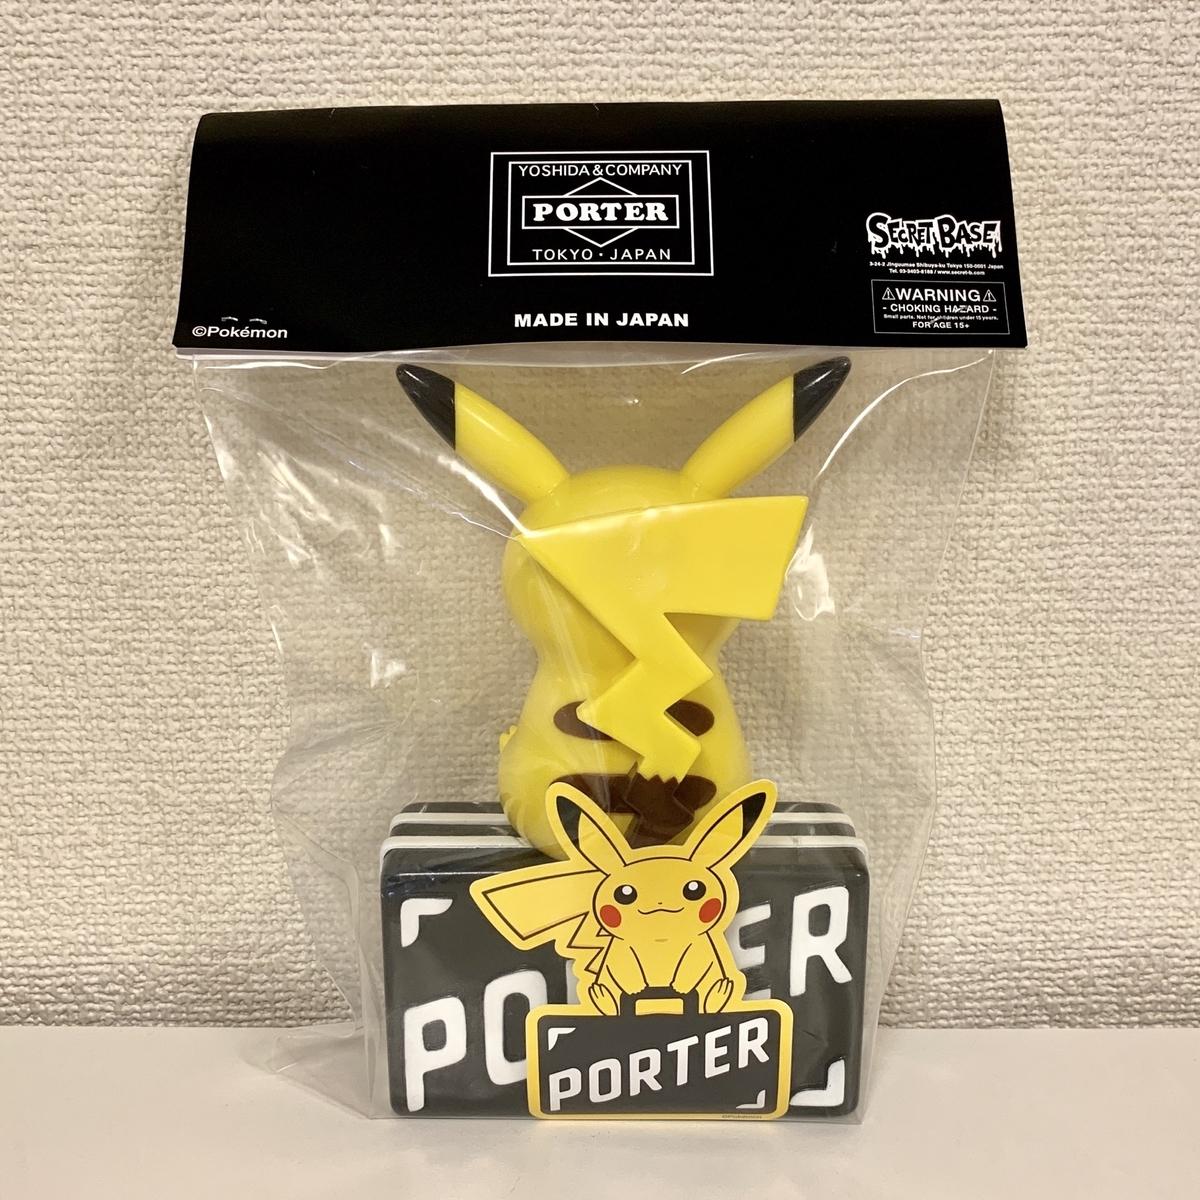 f:id:pikachu_pcn:20190825104736j:plain